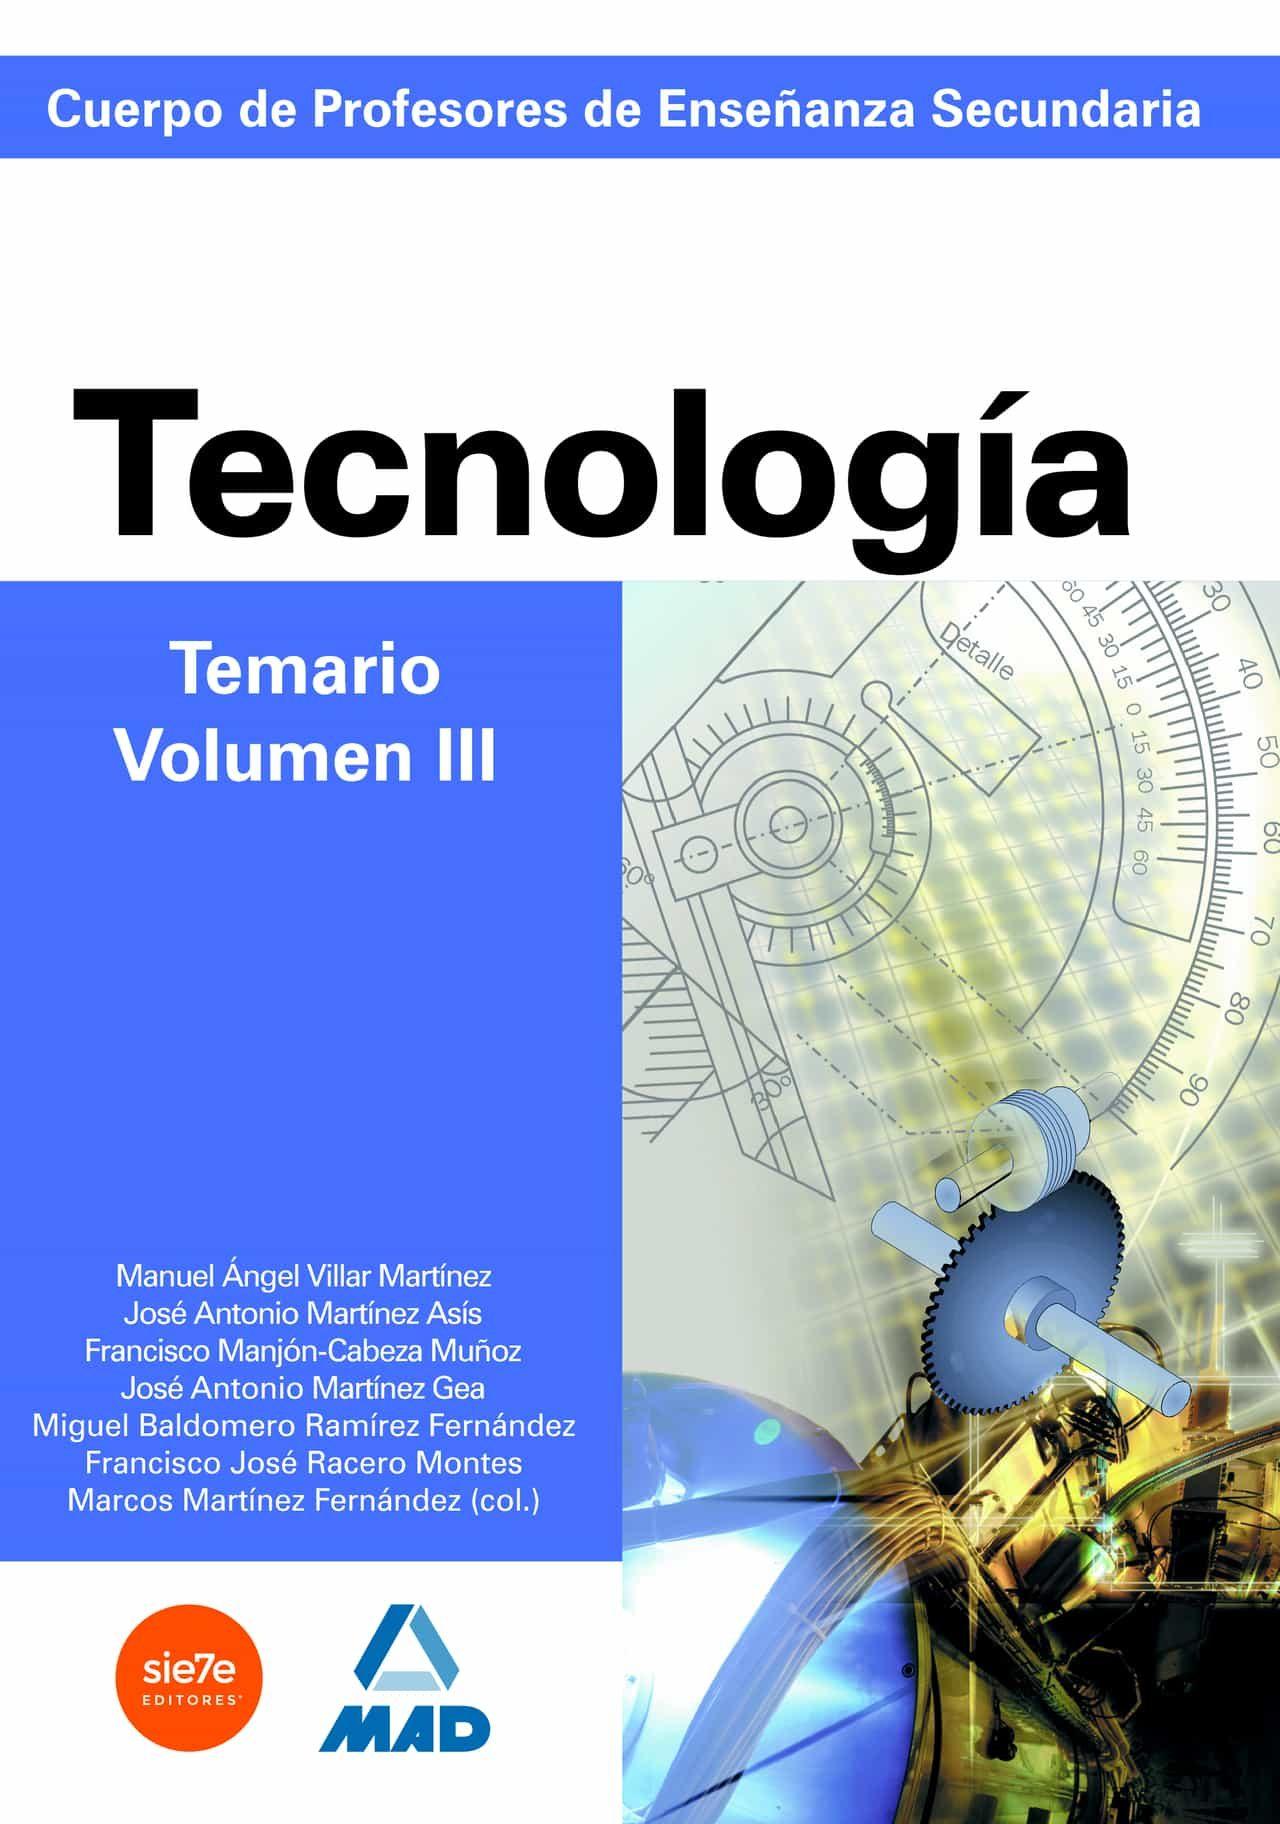 Cuerpo De Profesores De Enseñanza Secundaria. Tecnologia. Temario. Volumen Iii por Vv.aa. Gratis